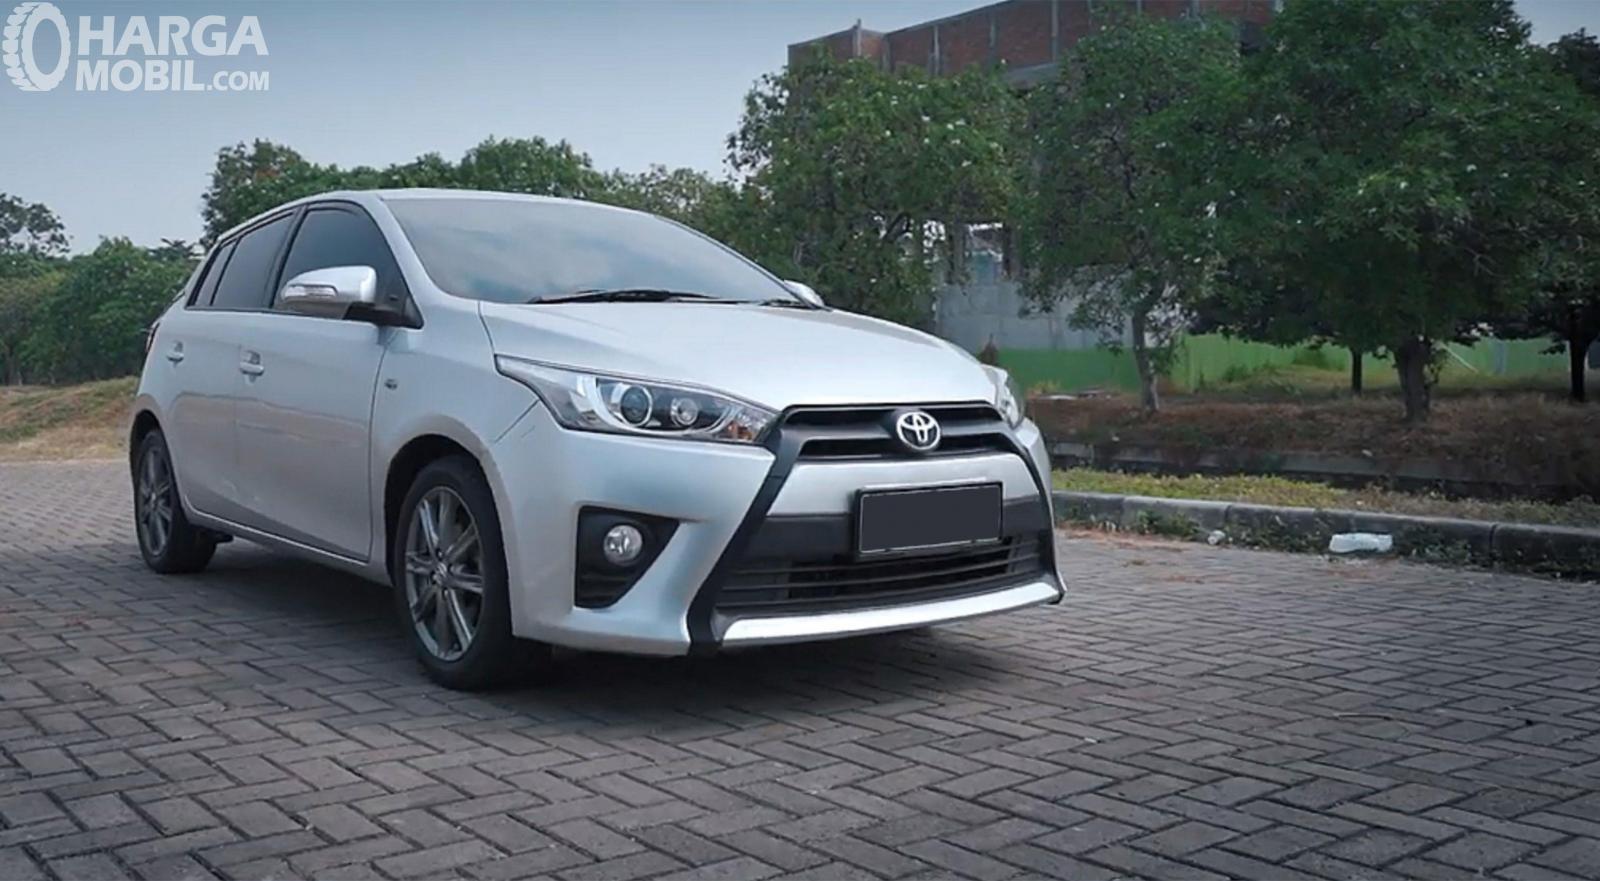 Eksterior Depan Toyota Yaris G AT 2014 menghadirkan lampu utama yang sayangnya masih halogen